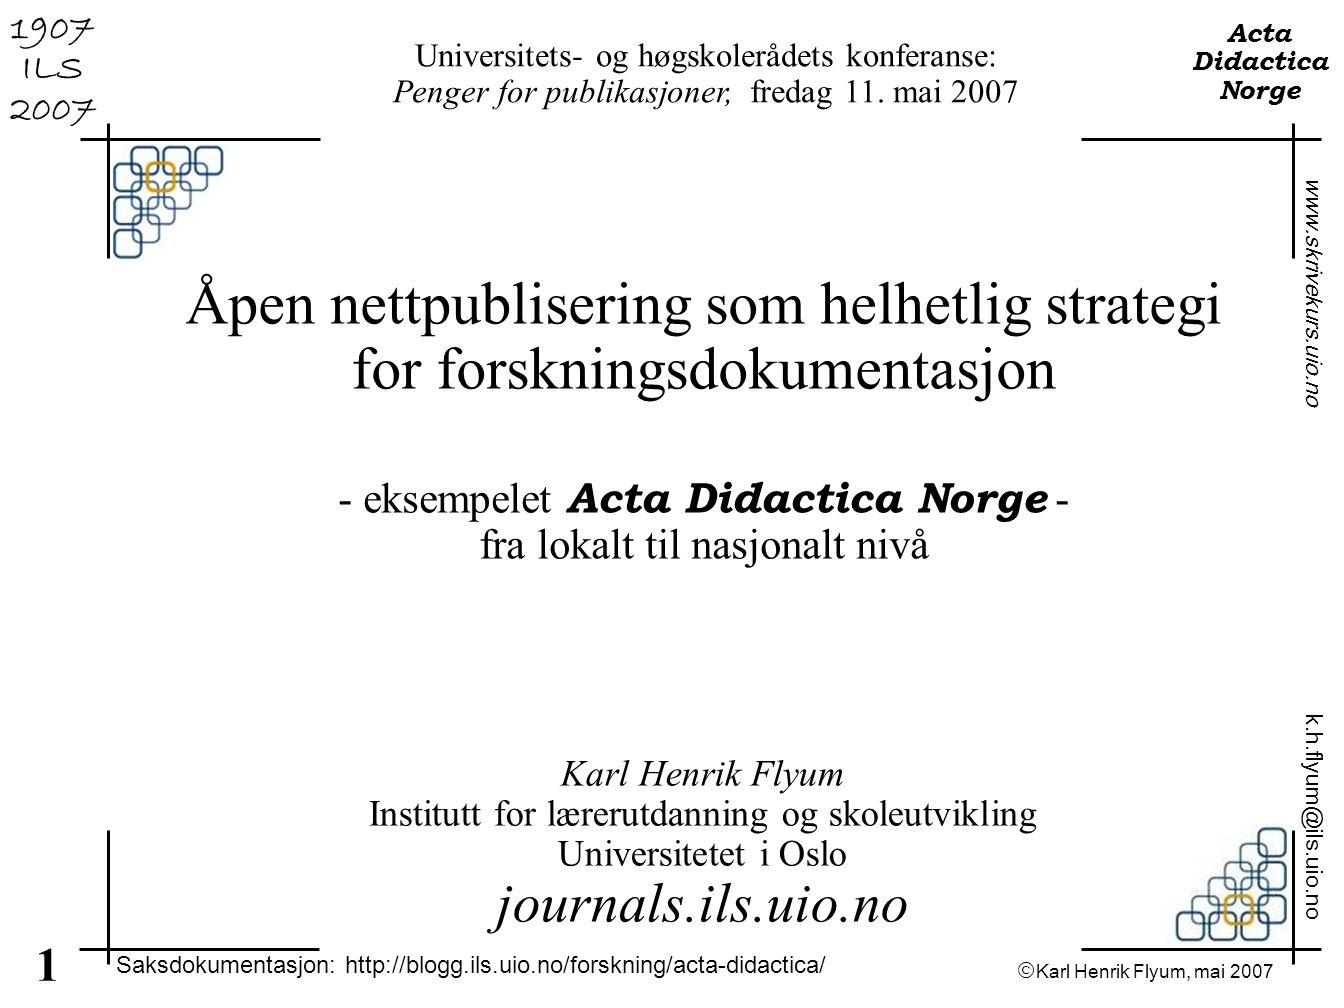  Karl Henrik Flyum, mai 2007 1 www.skrivekurs.uio.no k.h.flyum@ils.uio.no Acta Didactica Norge 1907 ILS 2007 Karl Henrik Flyum Institutt for lærerutd